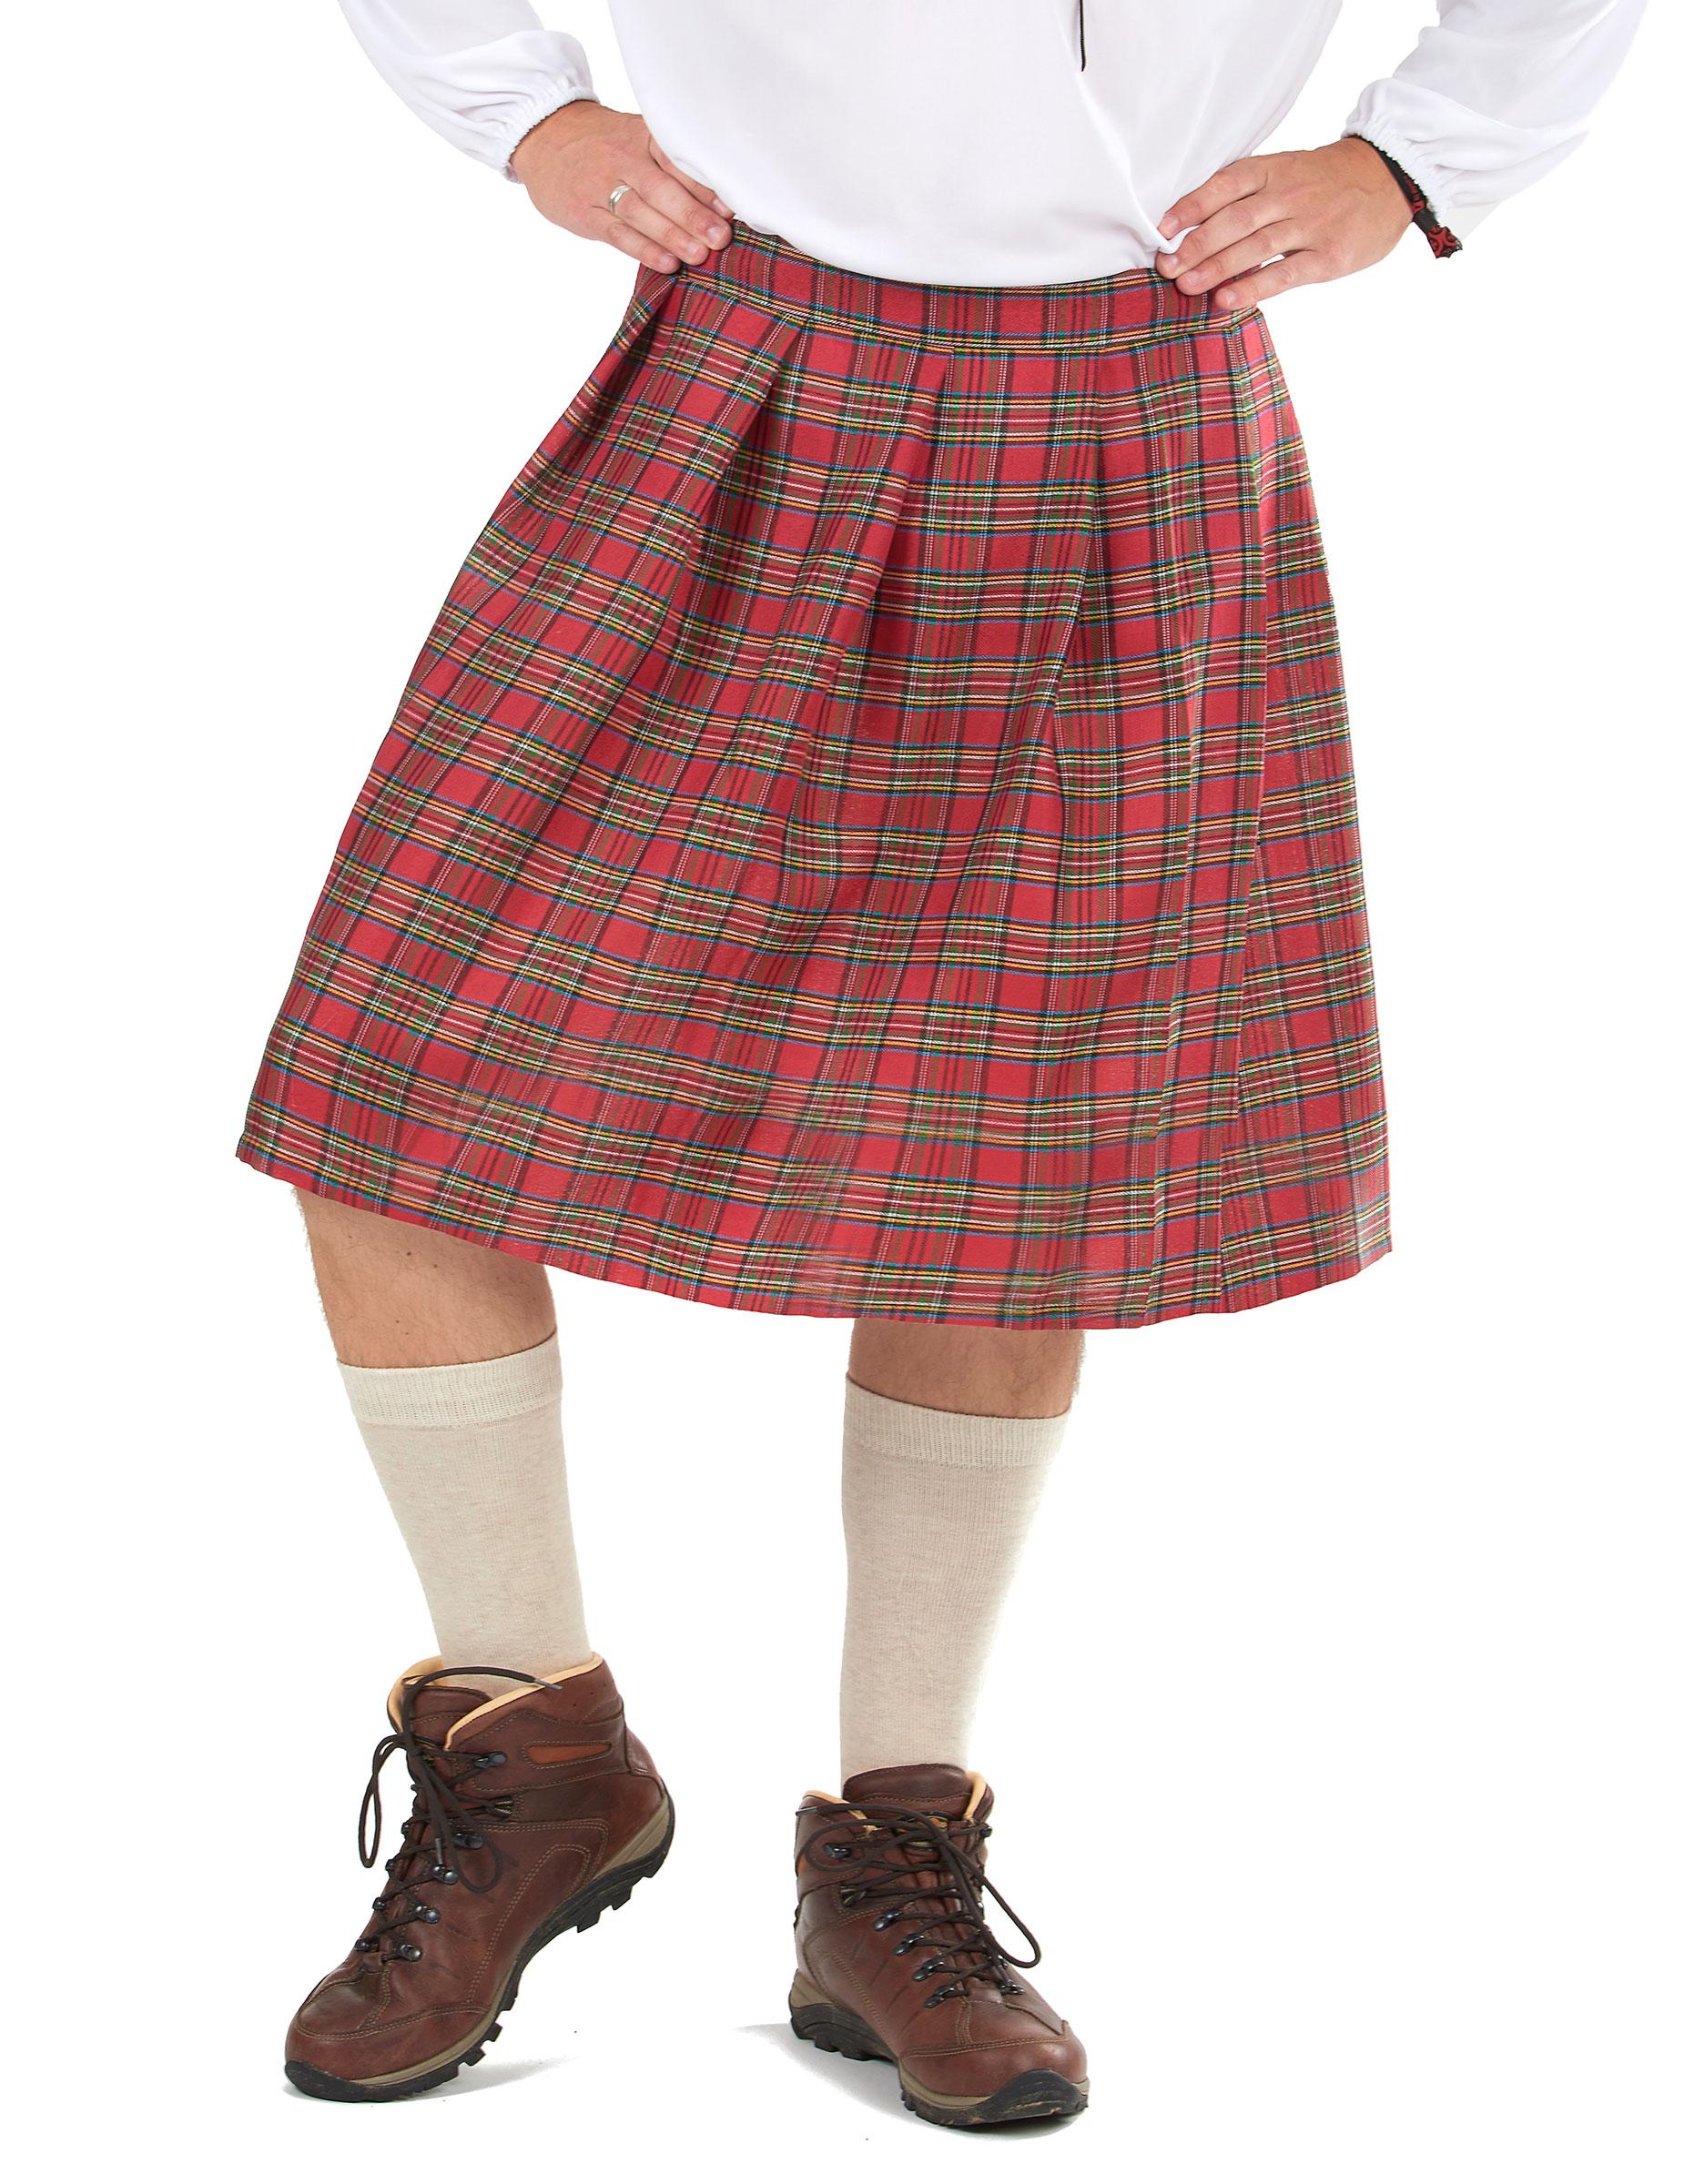 7047434f3244fd Schotse kilts en Schotse rokken voor volwassenen - Vegaoo.nl